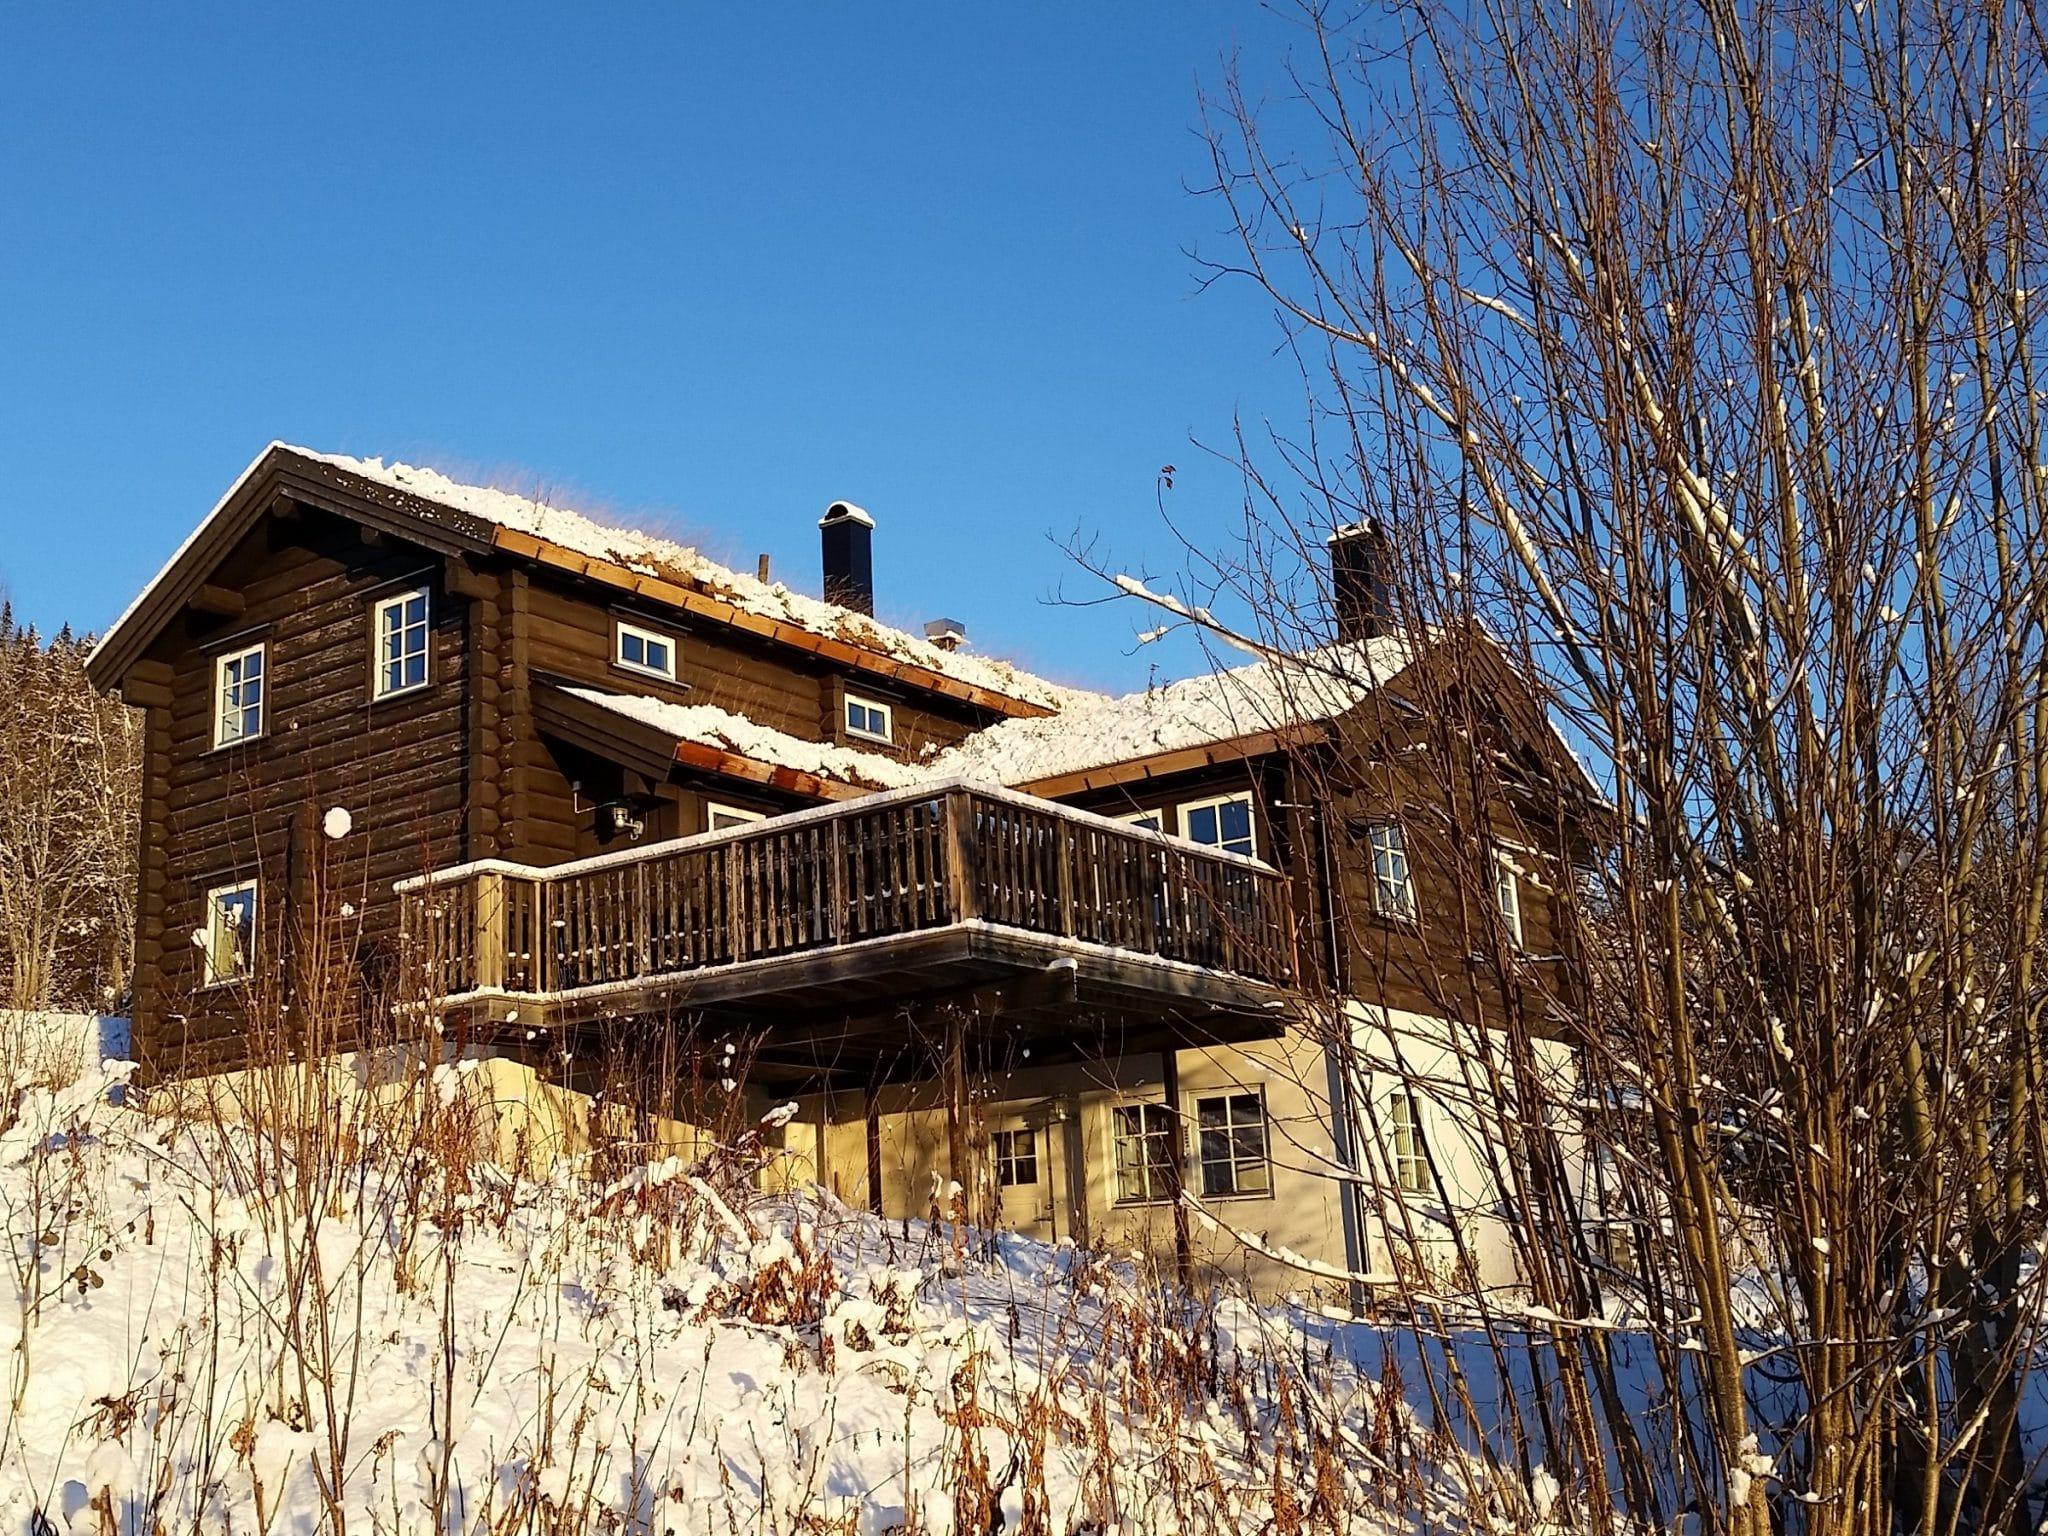 The log cabin Björnängelägret 6 in winter